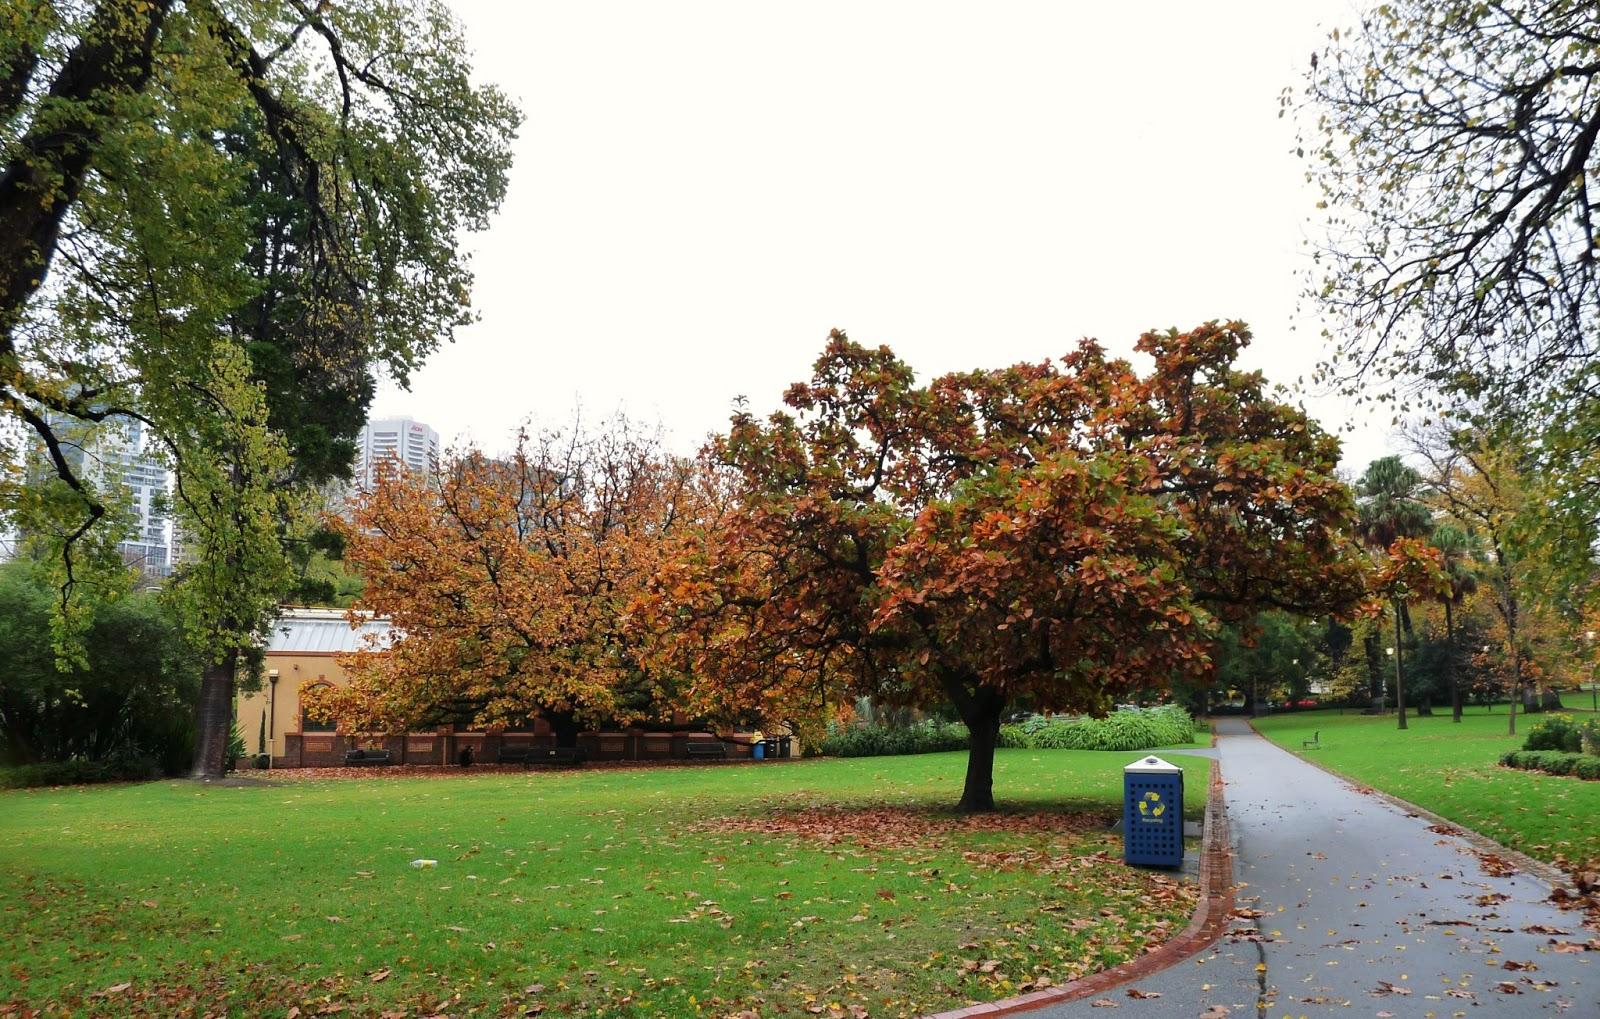 Verde pachamama melbourne la ciudad de los jardines y for Los jardines de arbesu